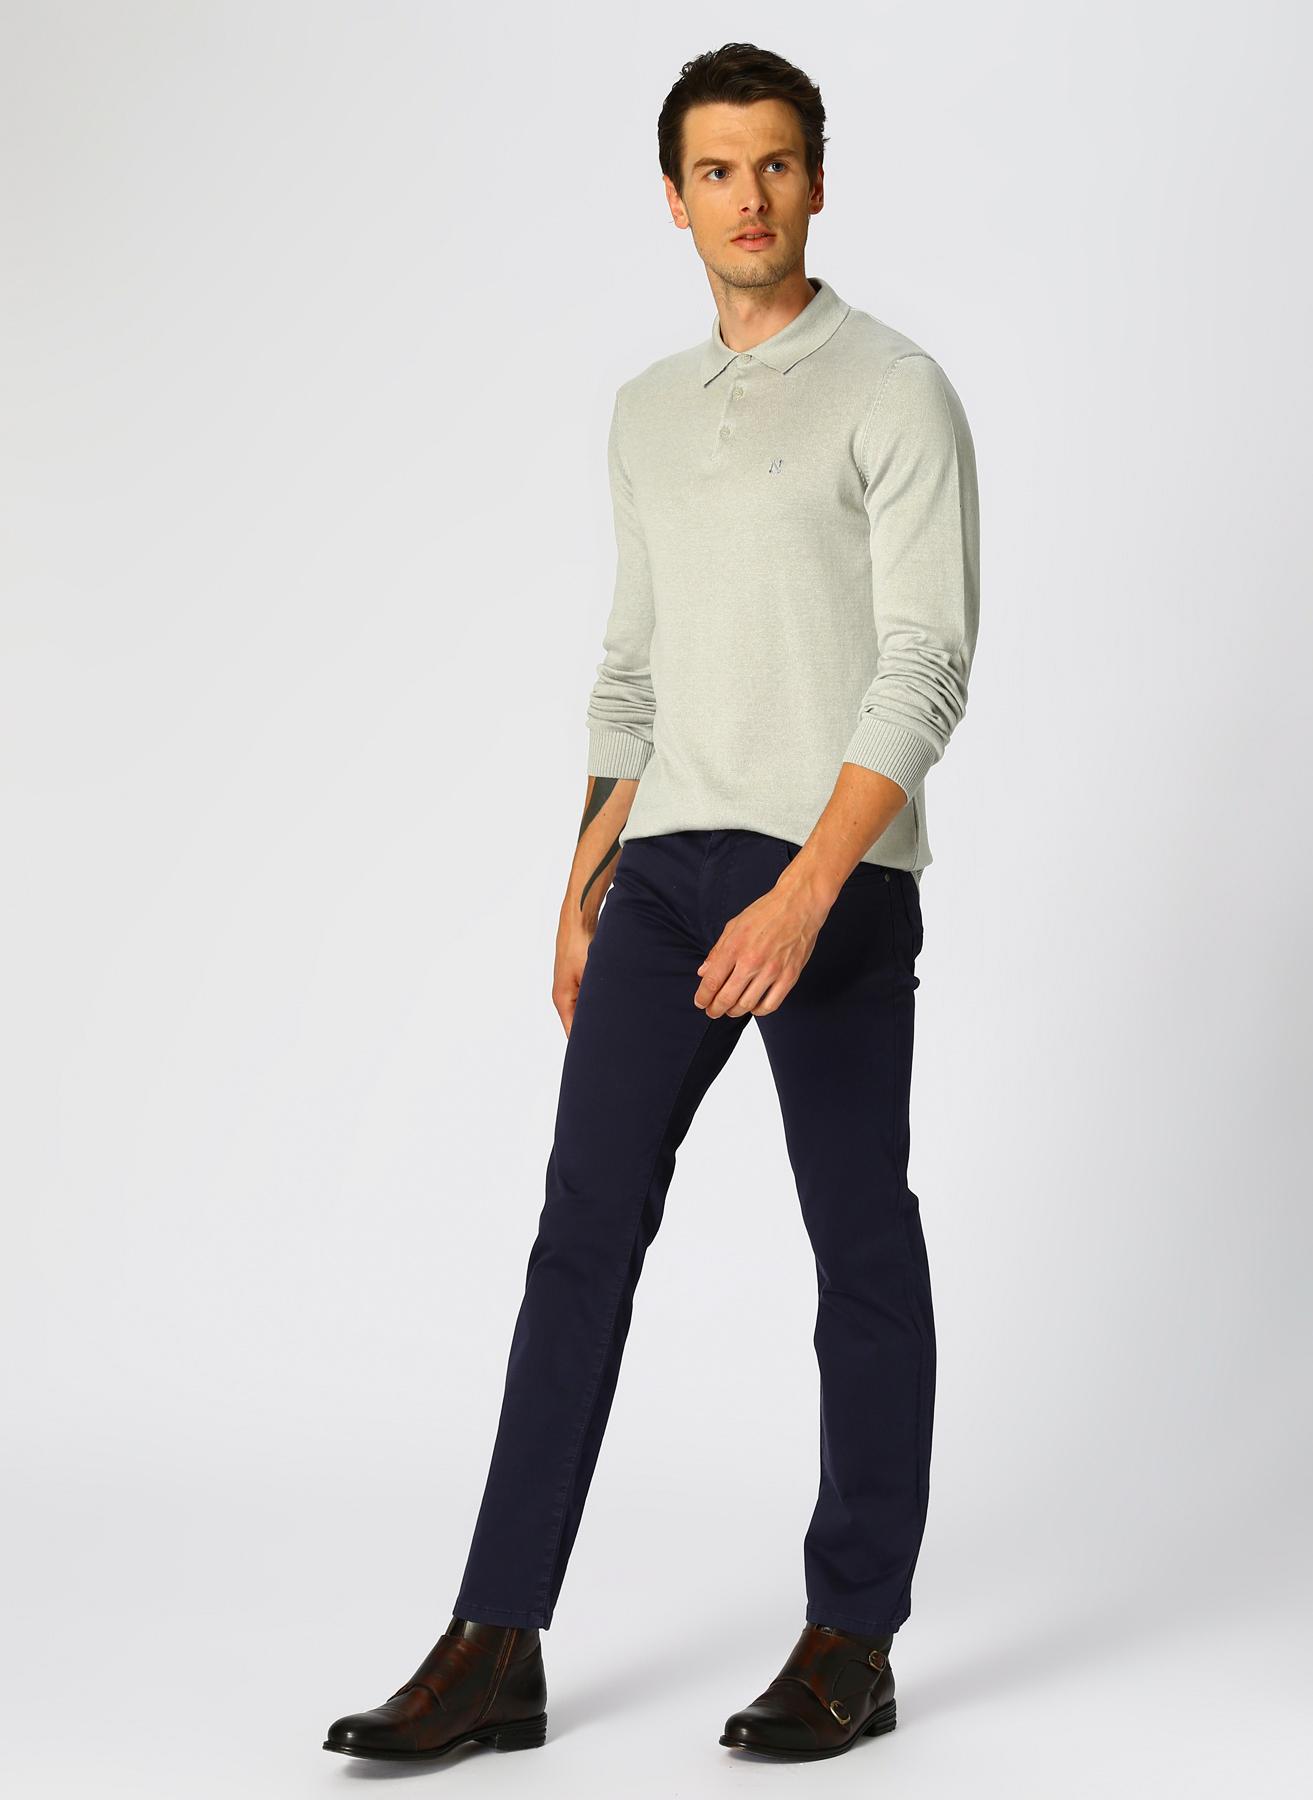 Altınyıldız Classic Casual Lacivert Klasik Pantolon 40-32 5002314209010 Ürün Resmi